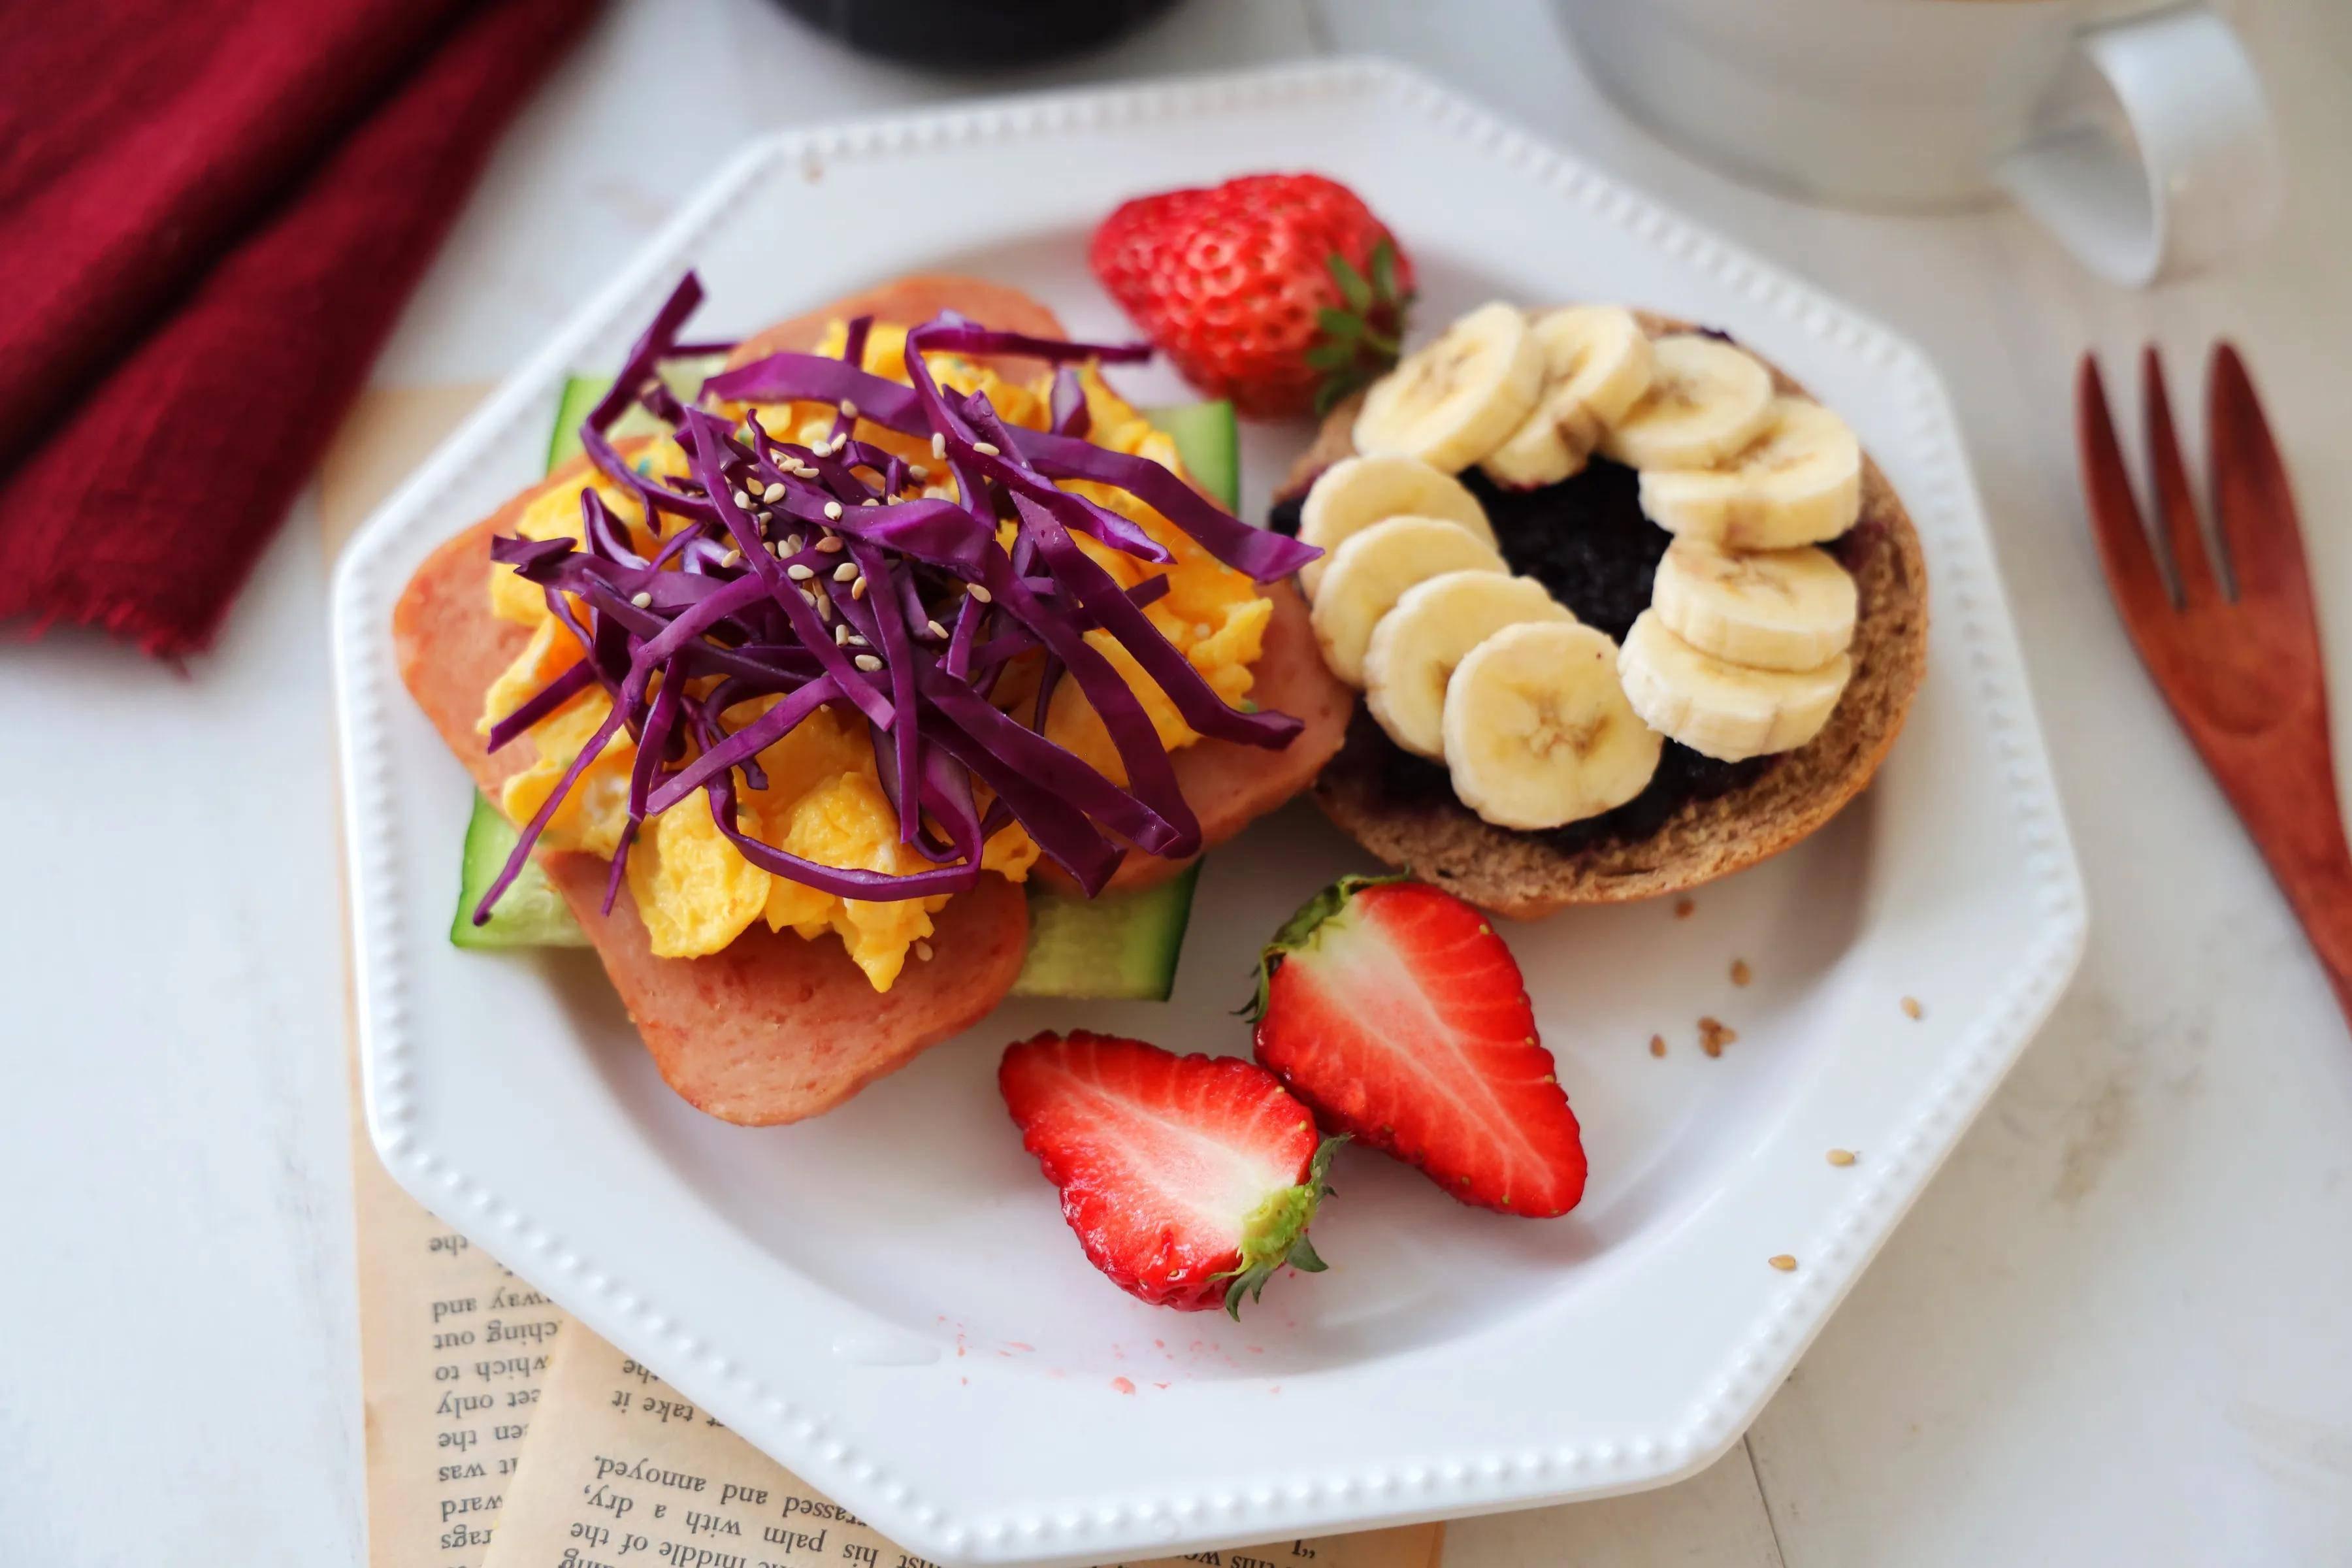 早餐别吃包子馒头,试试这样吃,低脂饱腹,营养全面,简单快手!